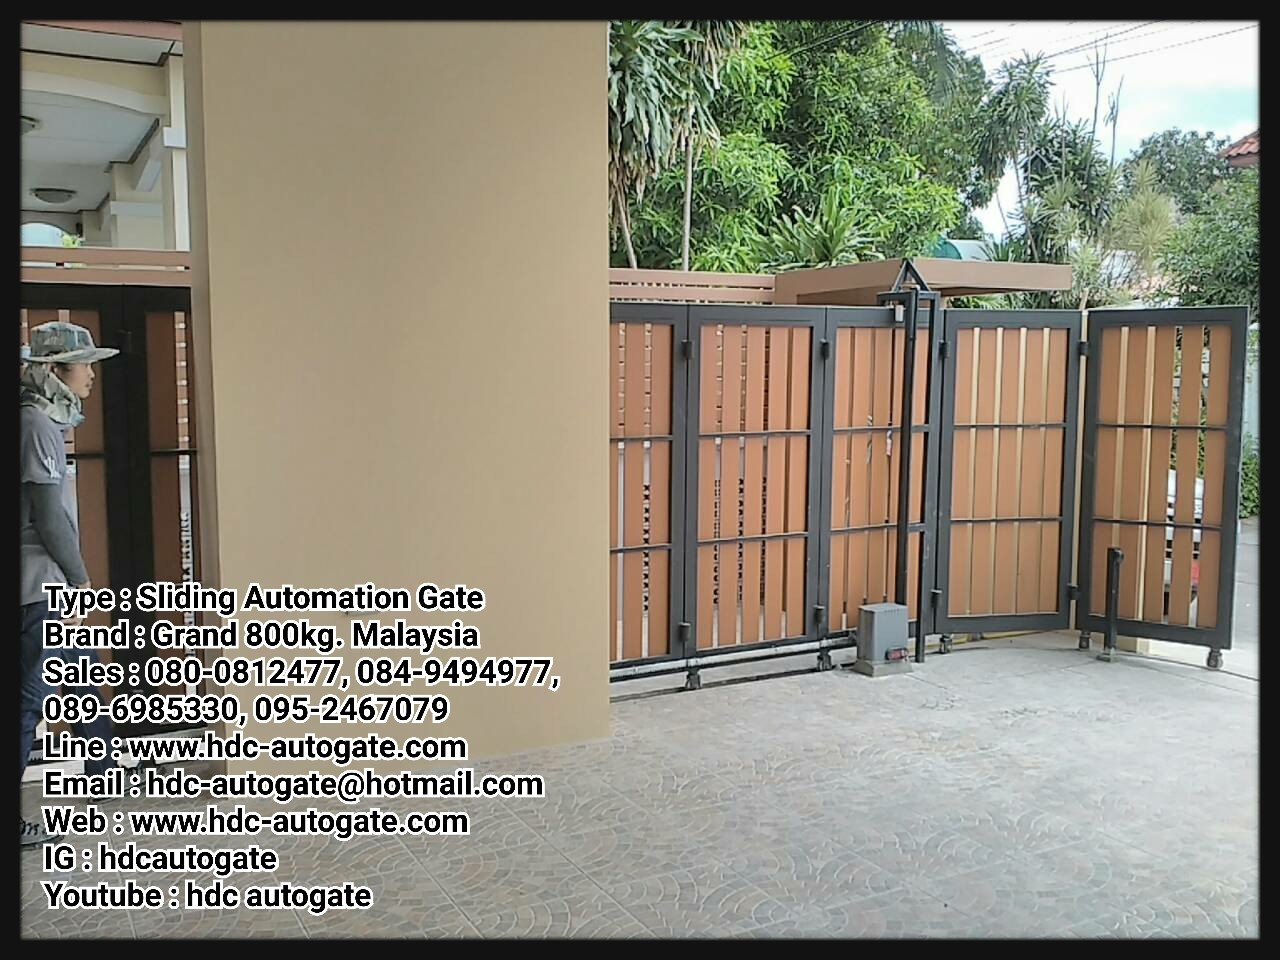 ผลงานการออกแบบ ผลิตประตูรั้วบานโค้งสำหรับบ้านทาวน์โฮม  และมอเตอร์ประตูนรีโมทบานโค้ง